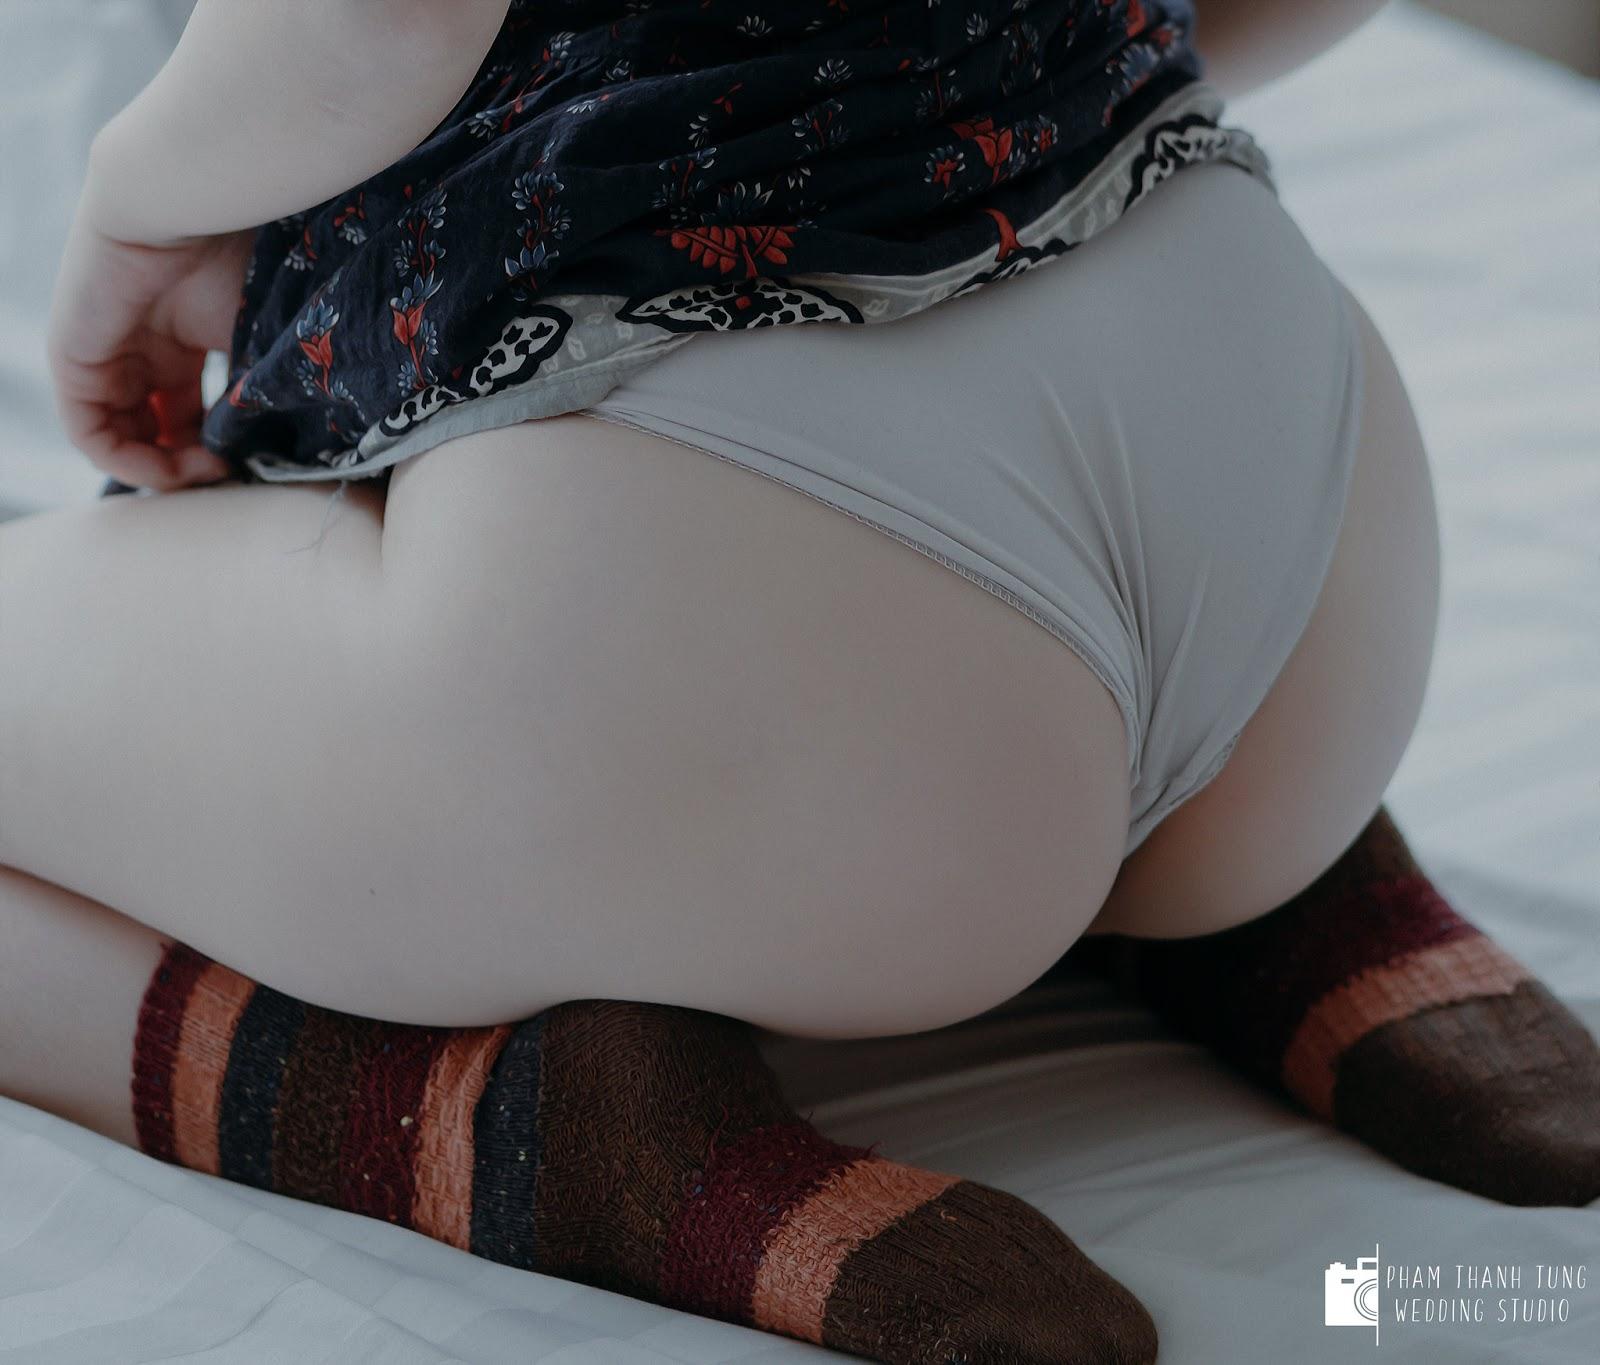 Gái dâm dục nóng bỏng